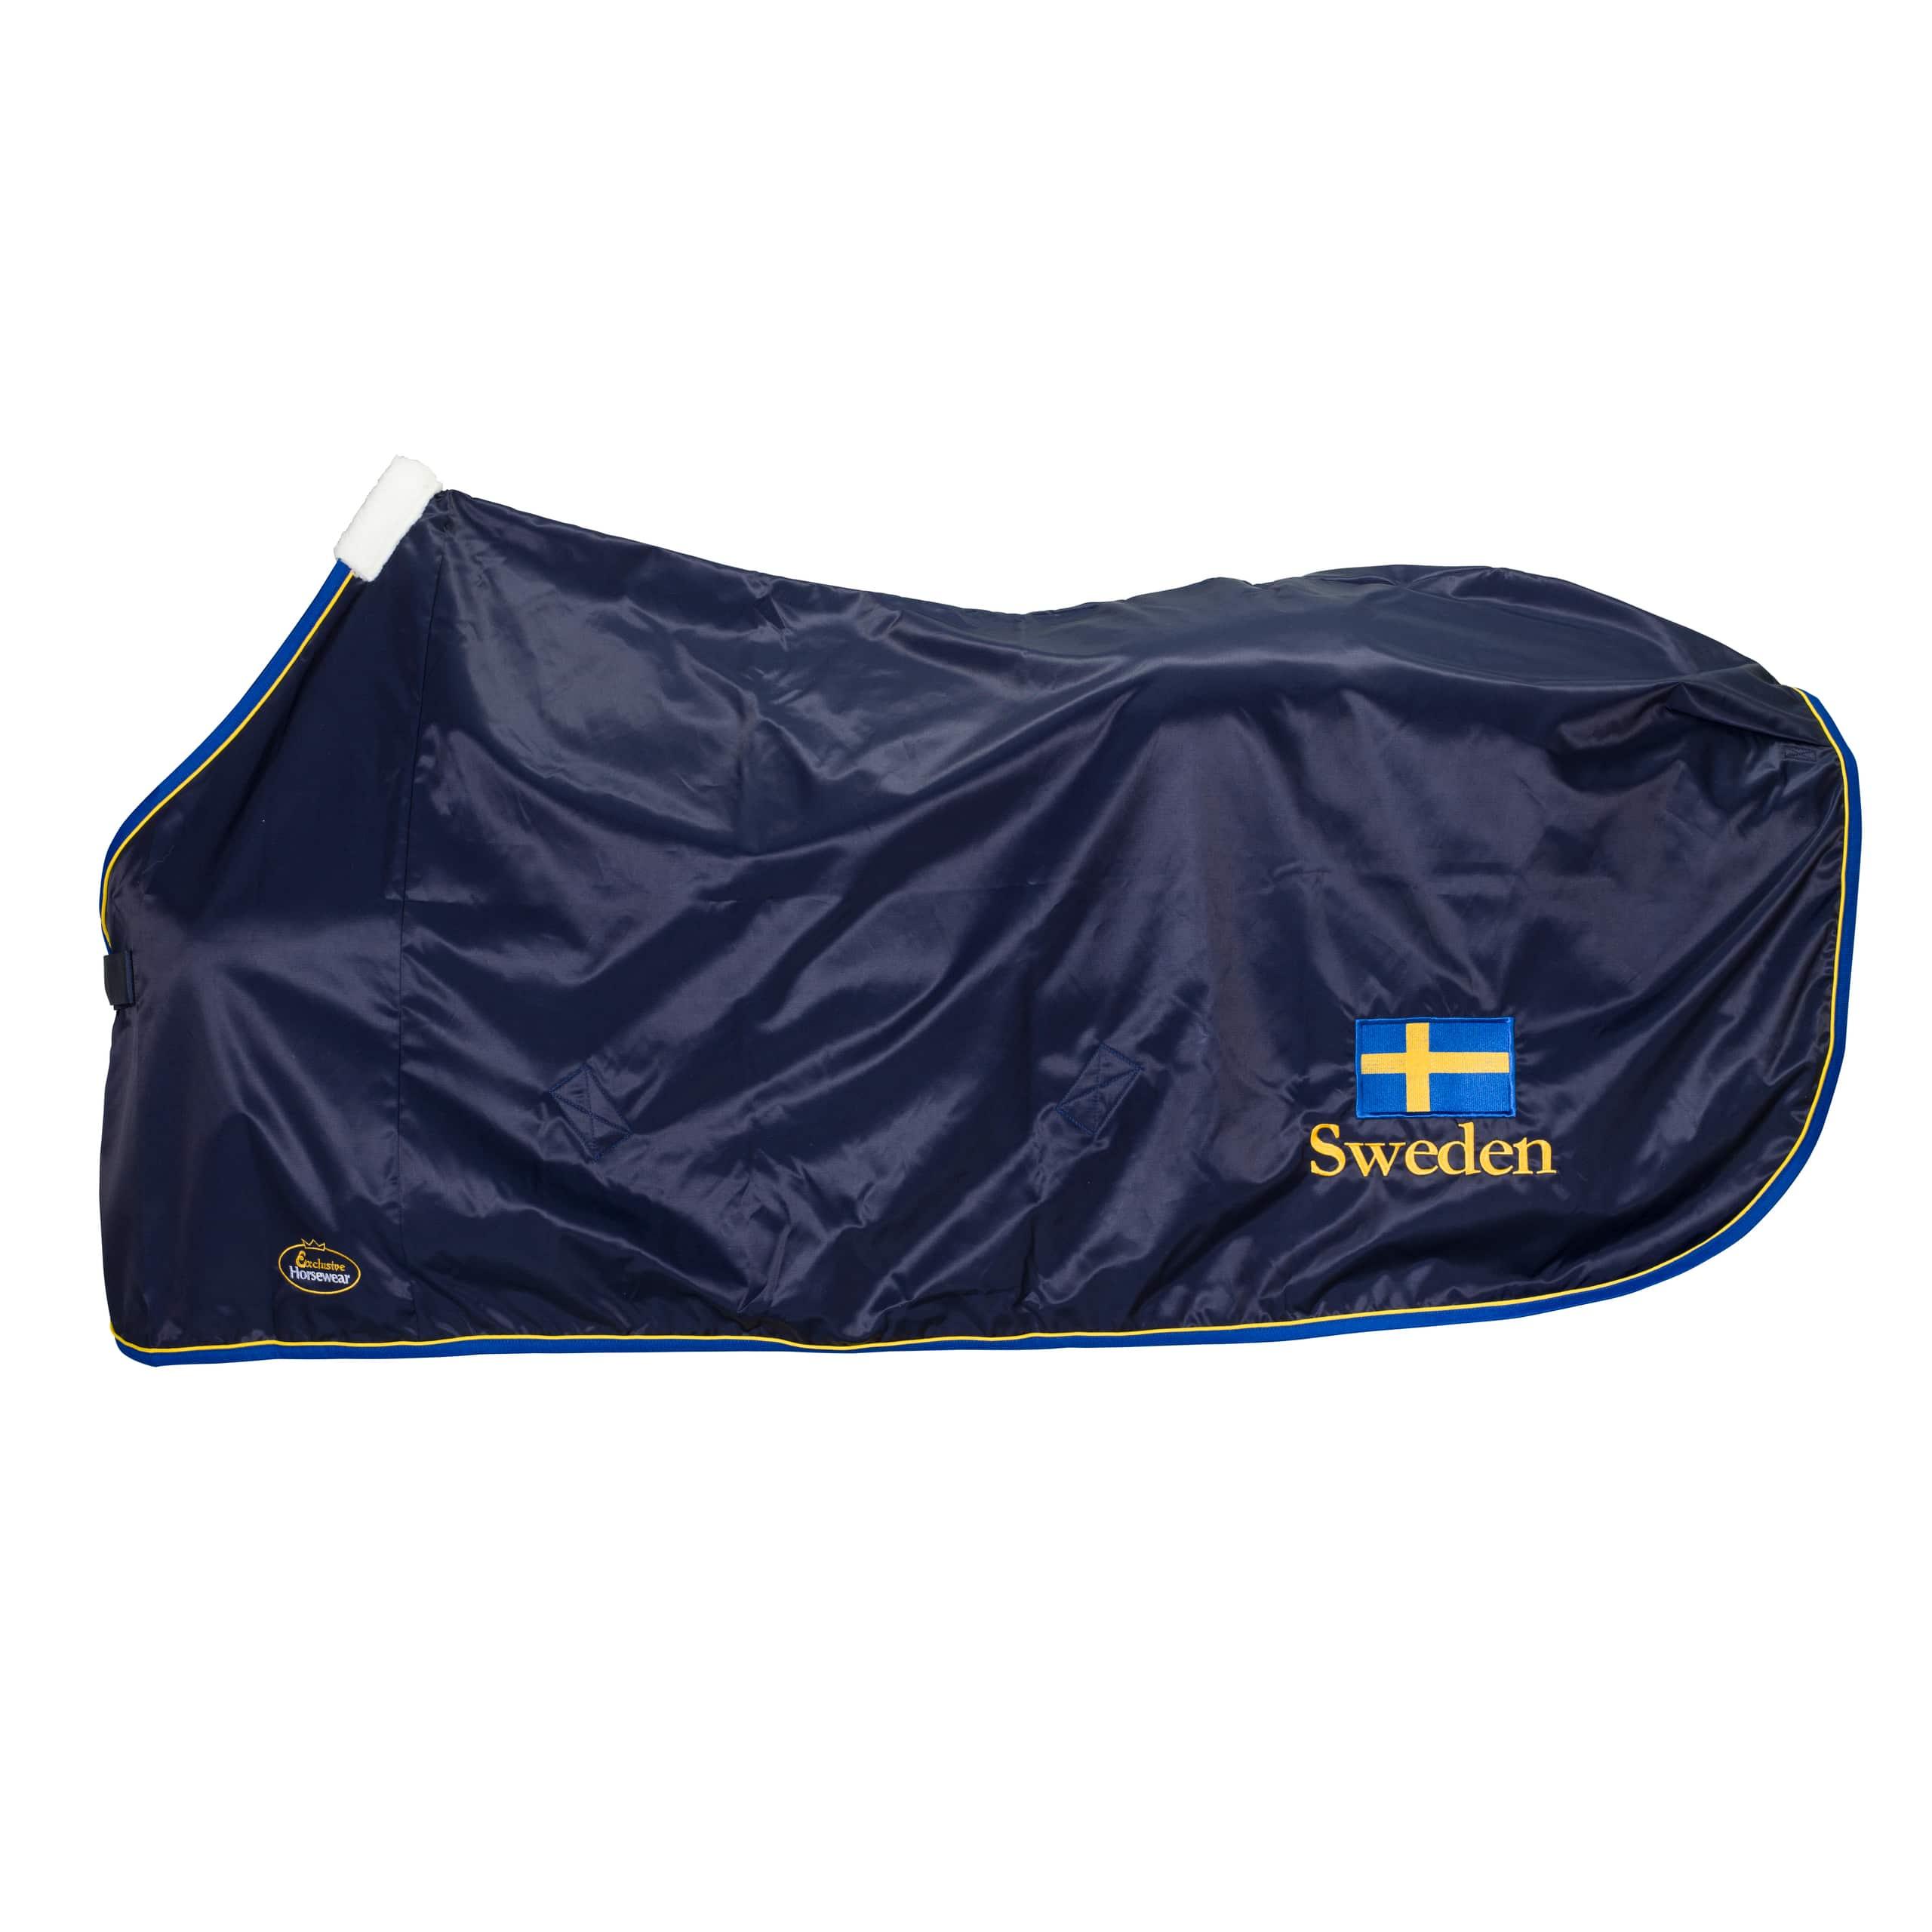 Allroundtäcke-Sweden-vä